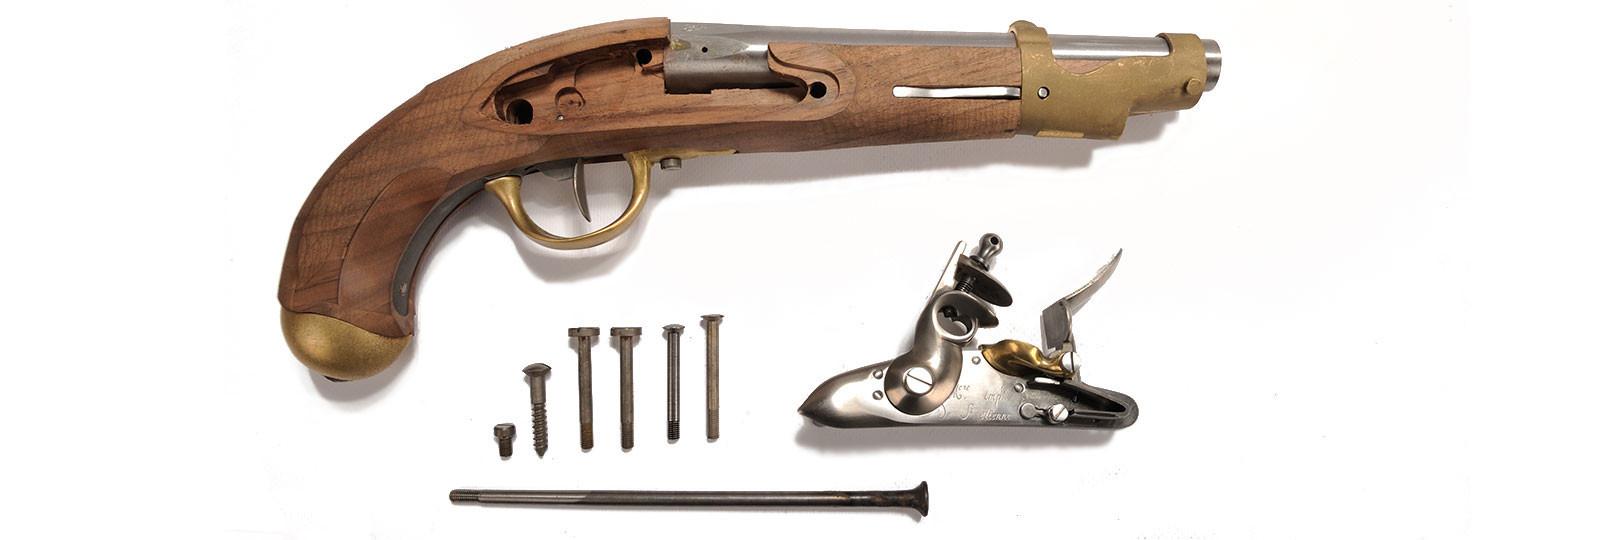 Kit an ix pistol 17,5 mm